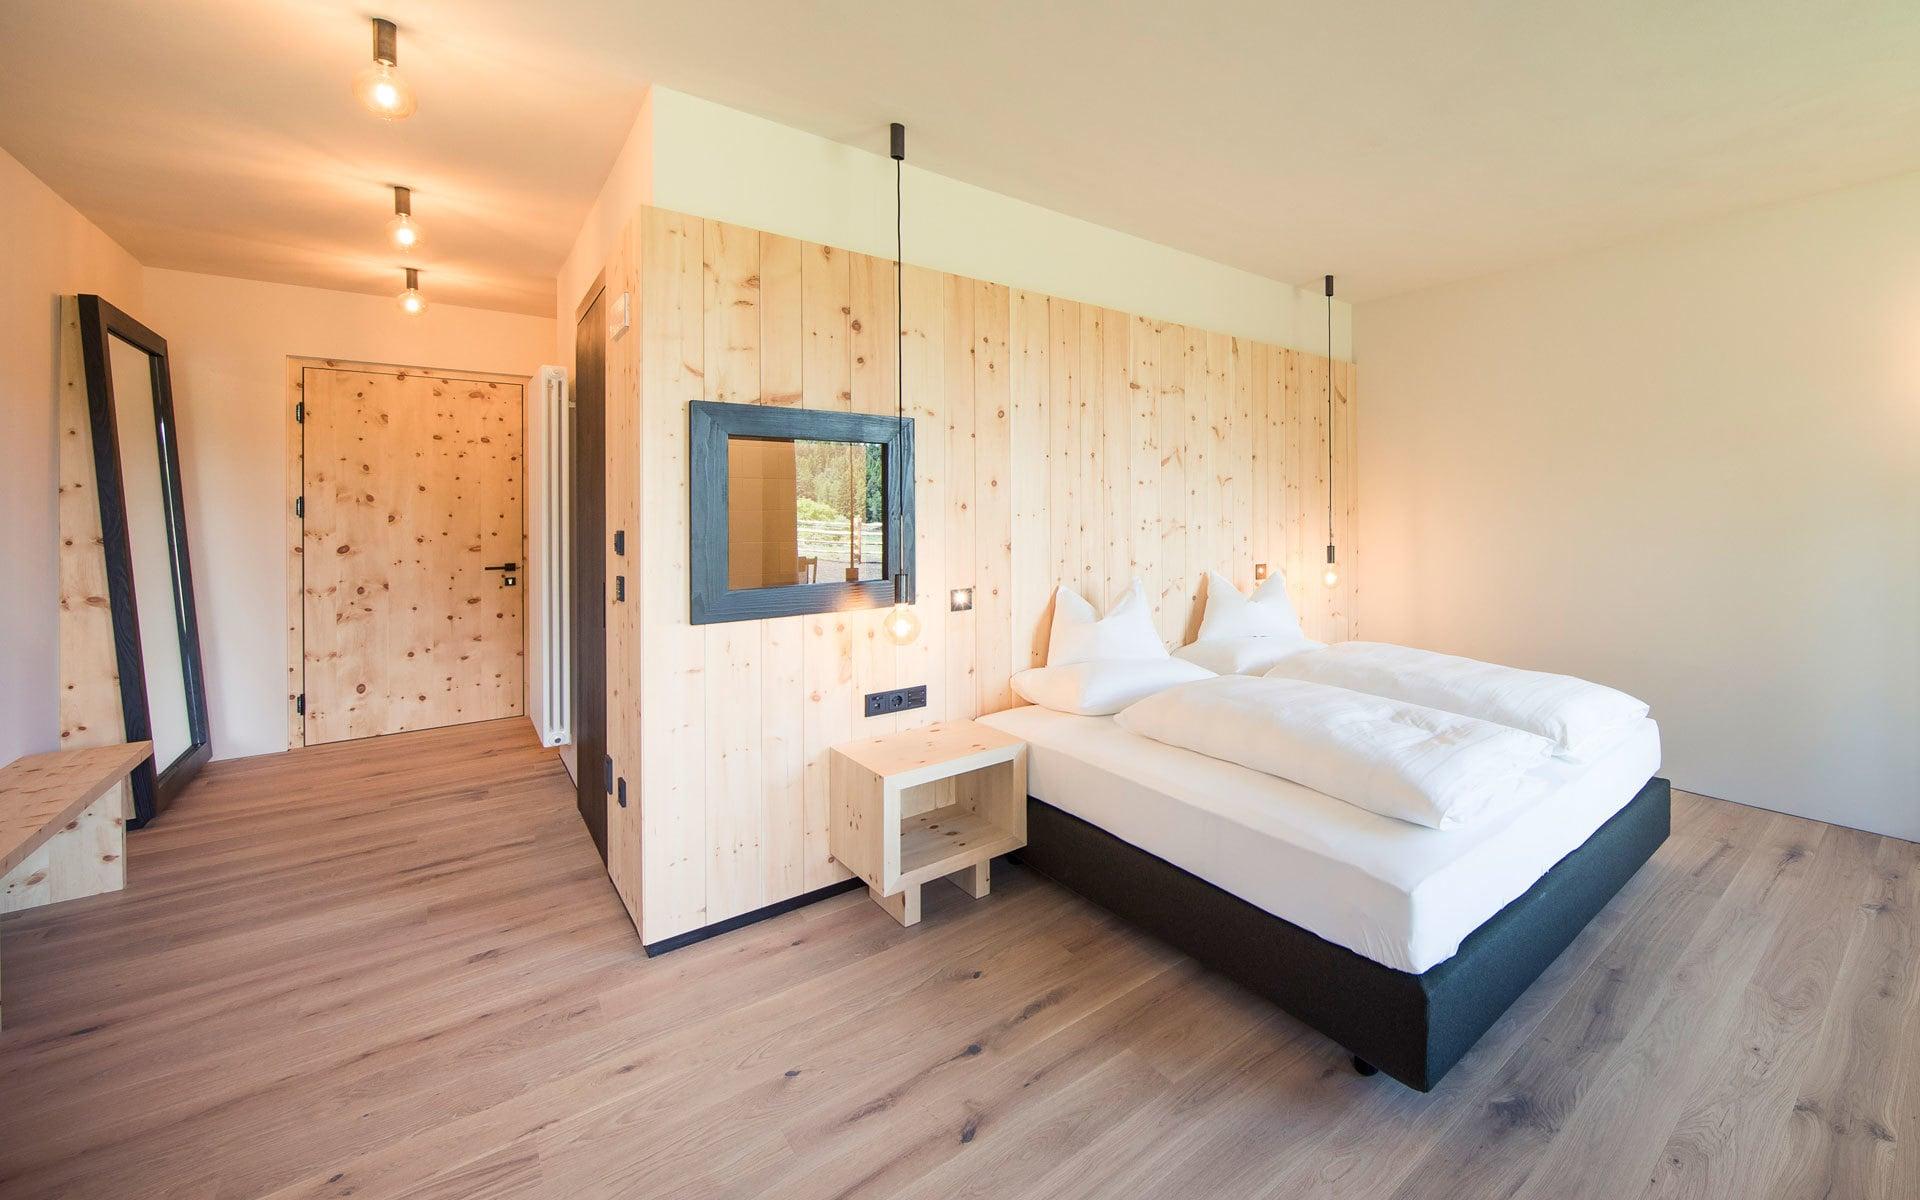 Hotel Pfösl